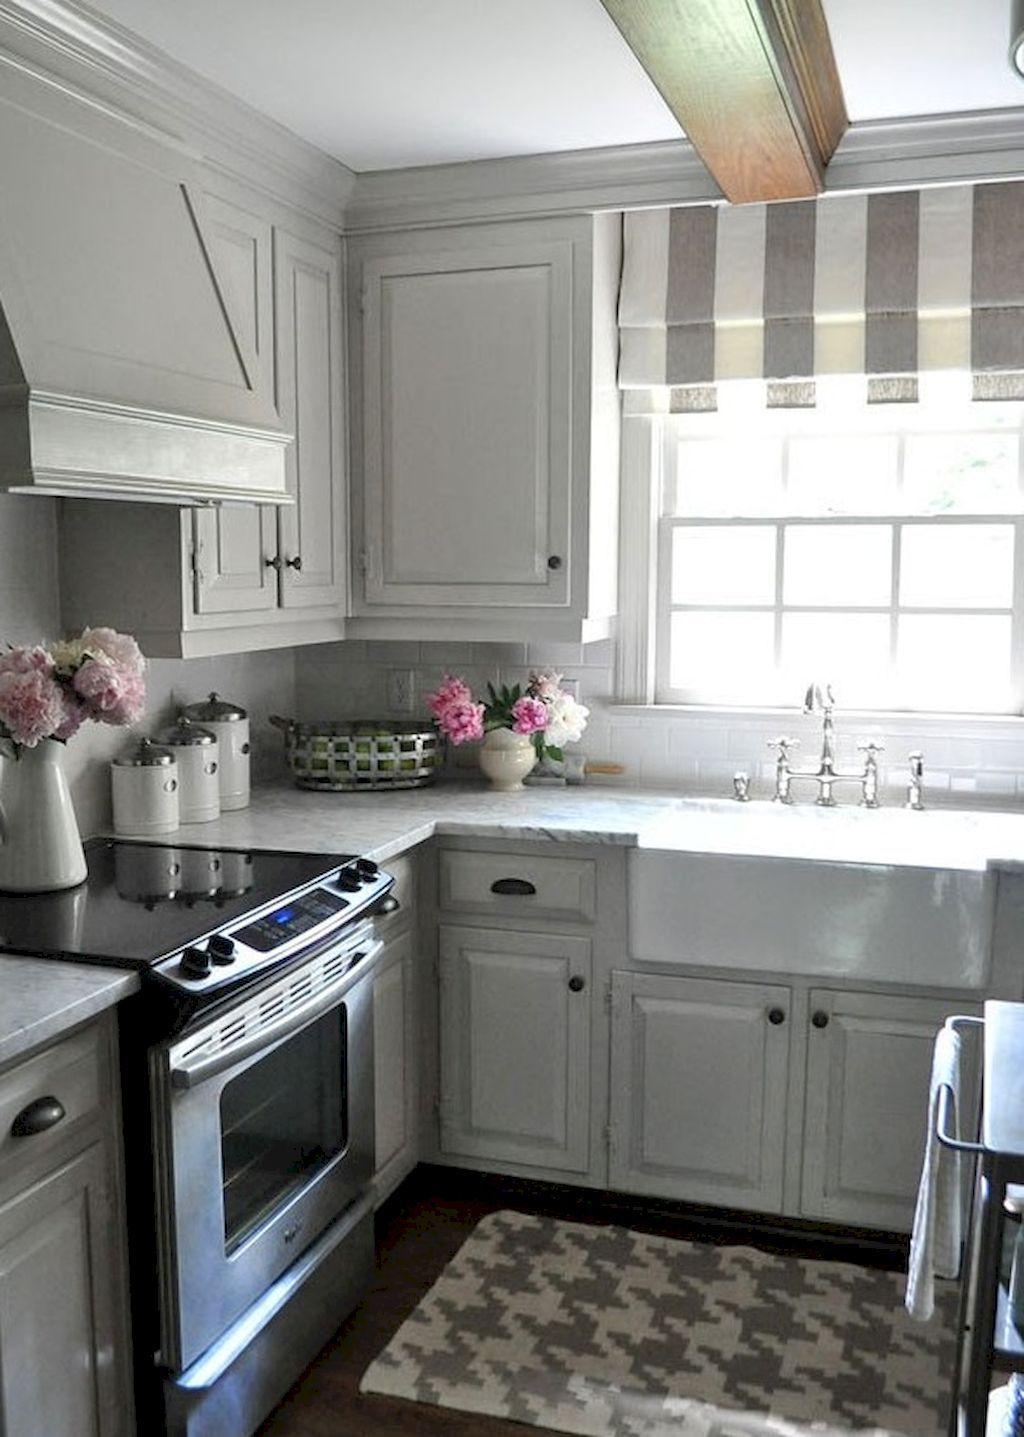 über küchenschrank ideen zu dekorieren inspired small kitchen remodel   кухни  pinterest  haus küchen